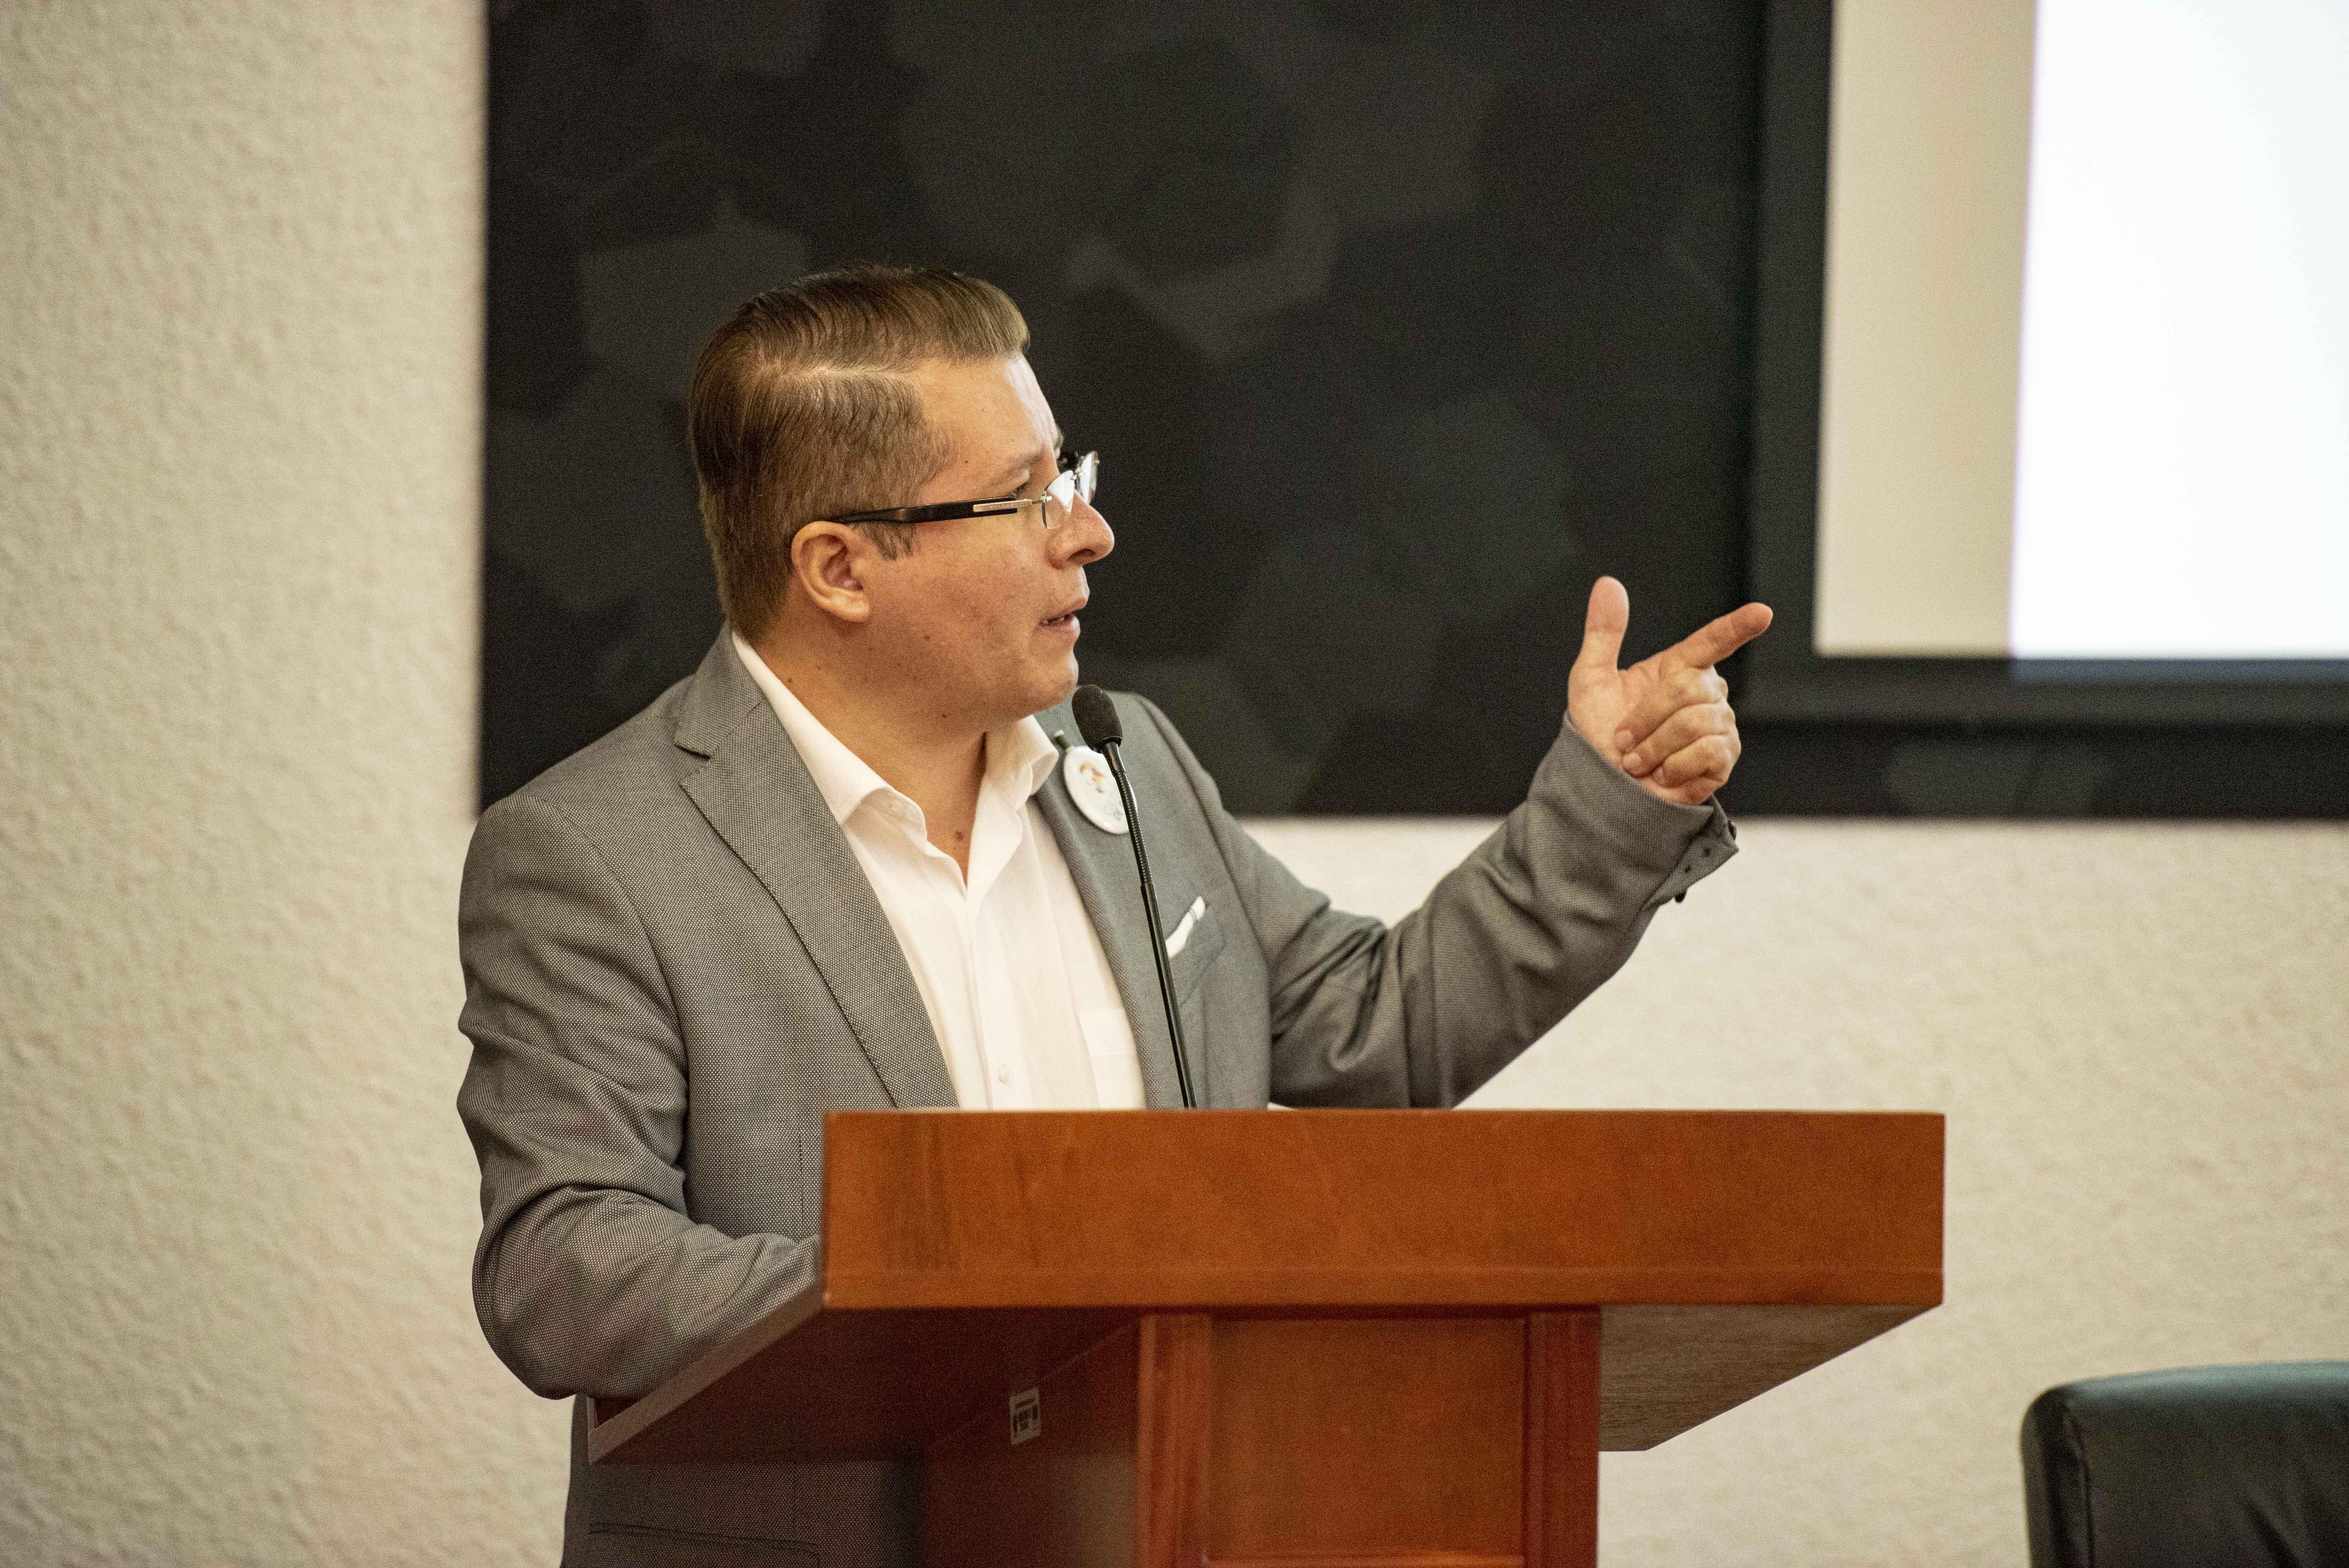 Defensor de los Derechos Universitarios ofreciendo conferencia en pódium